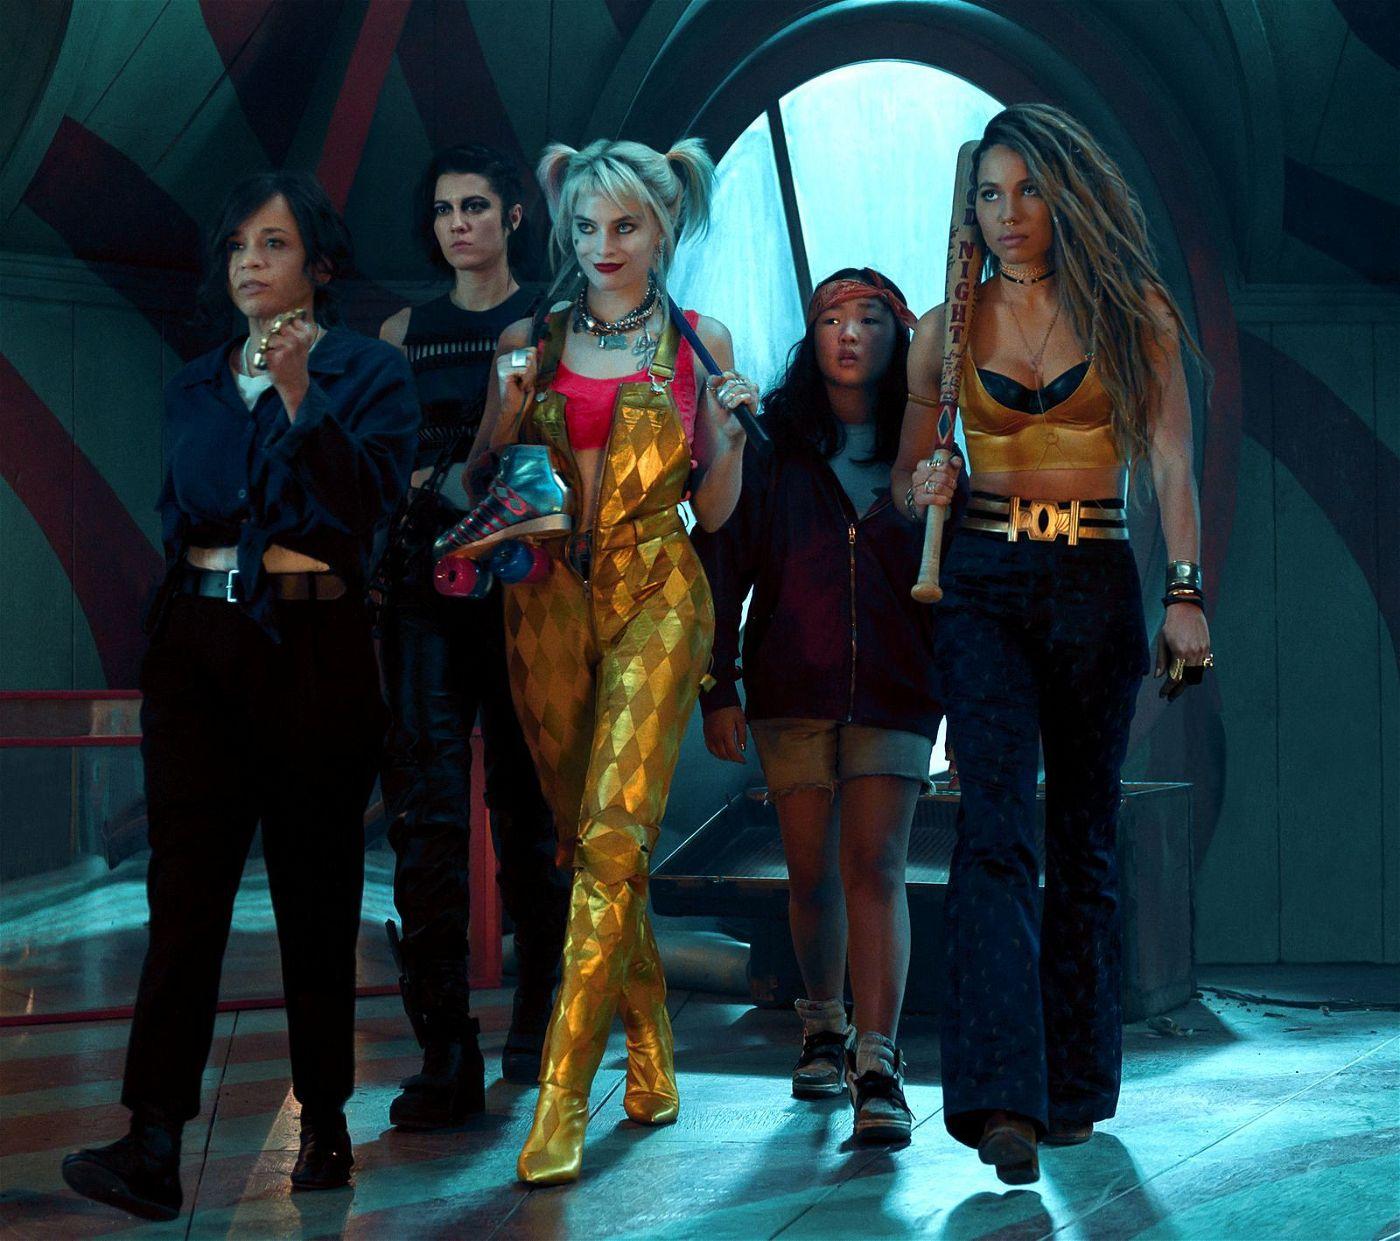 Geballte Frauenpower: In Gotham City haben (von links) Renee Montoya (Rosie Perez), Huntress (Mary Elizabeth Winstead), Harley Quinn (Margot Robbie), Cassandra Cain (Ella Jay Basco) und Black Canary (Jurnee Smollett-Bell) das Sagen.